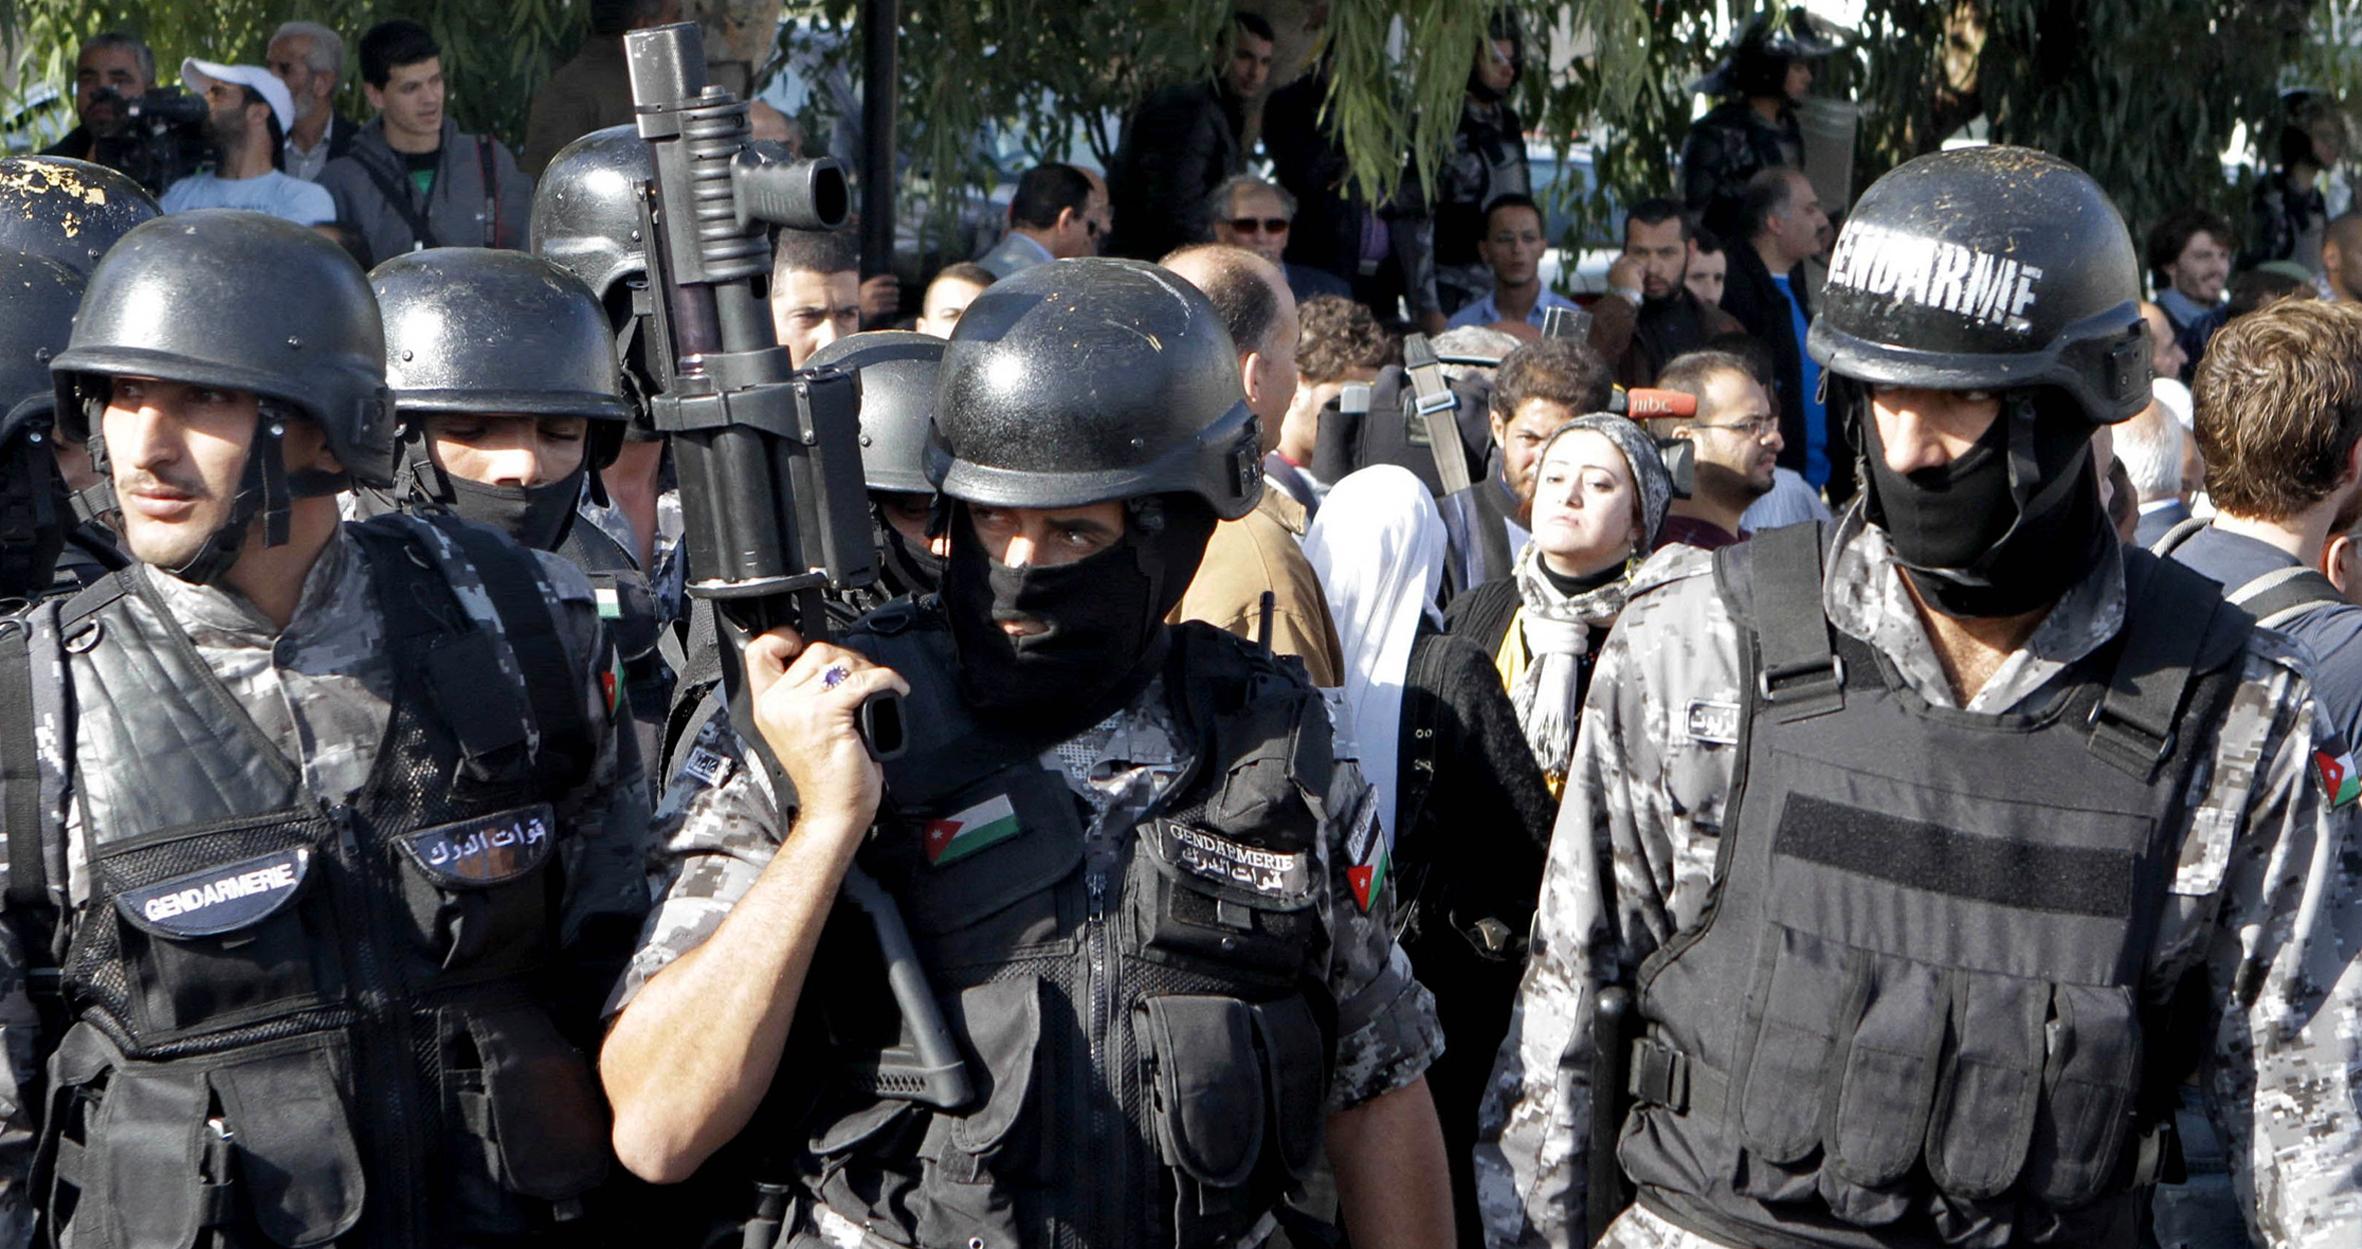 صورة السلطات الأردنية تتفاجأ بوقوع جريمة الزرقاء رغم اعتقالها كل المجرمين من معلمين ومعارضين وصحفيين